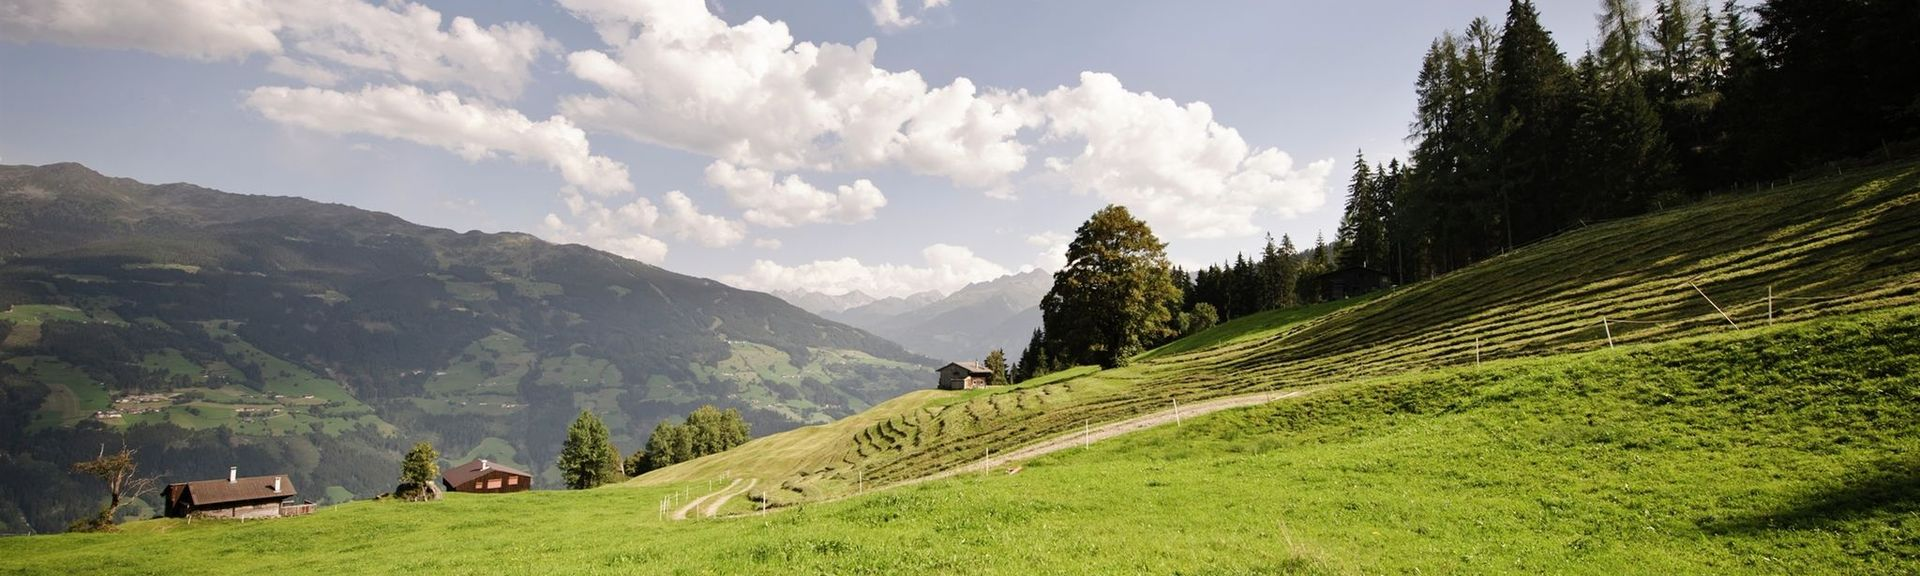 Fügen, Schwaz District, Tyrol, Austria